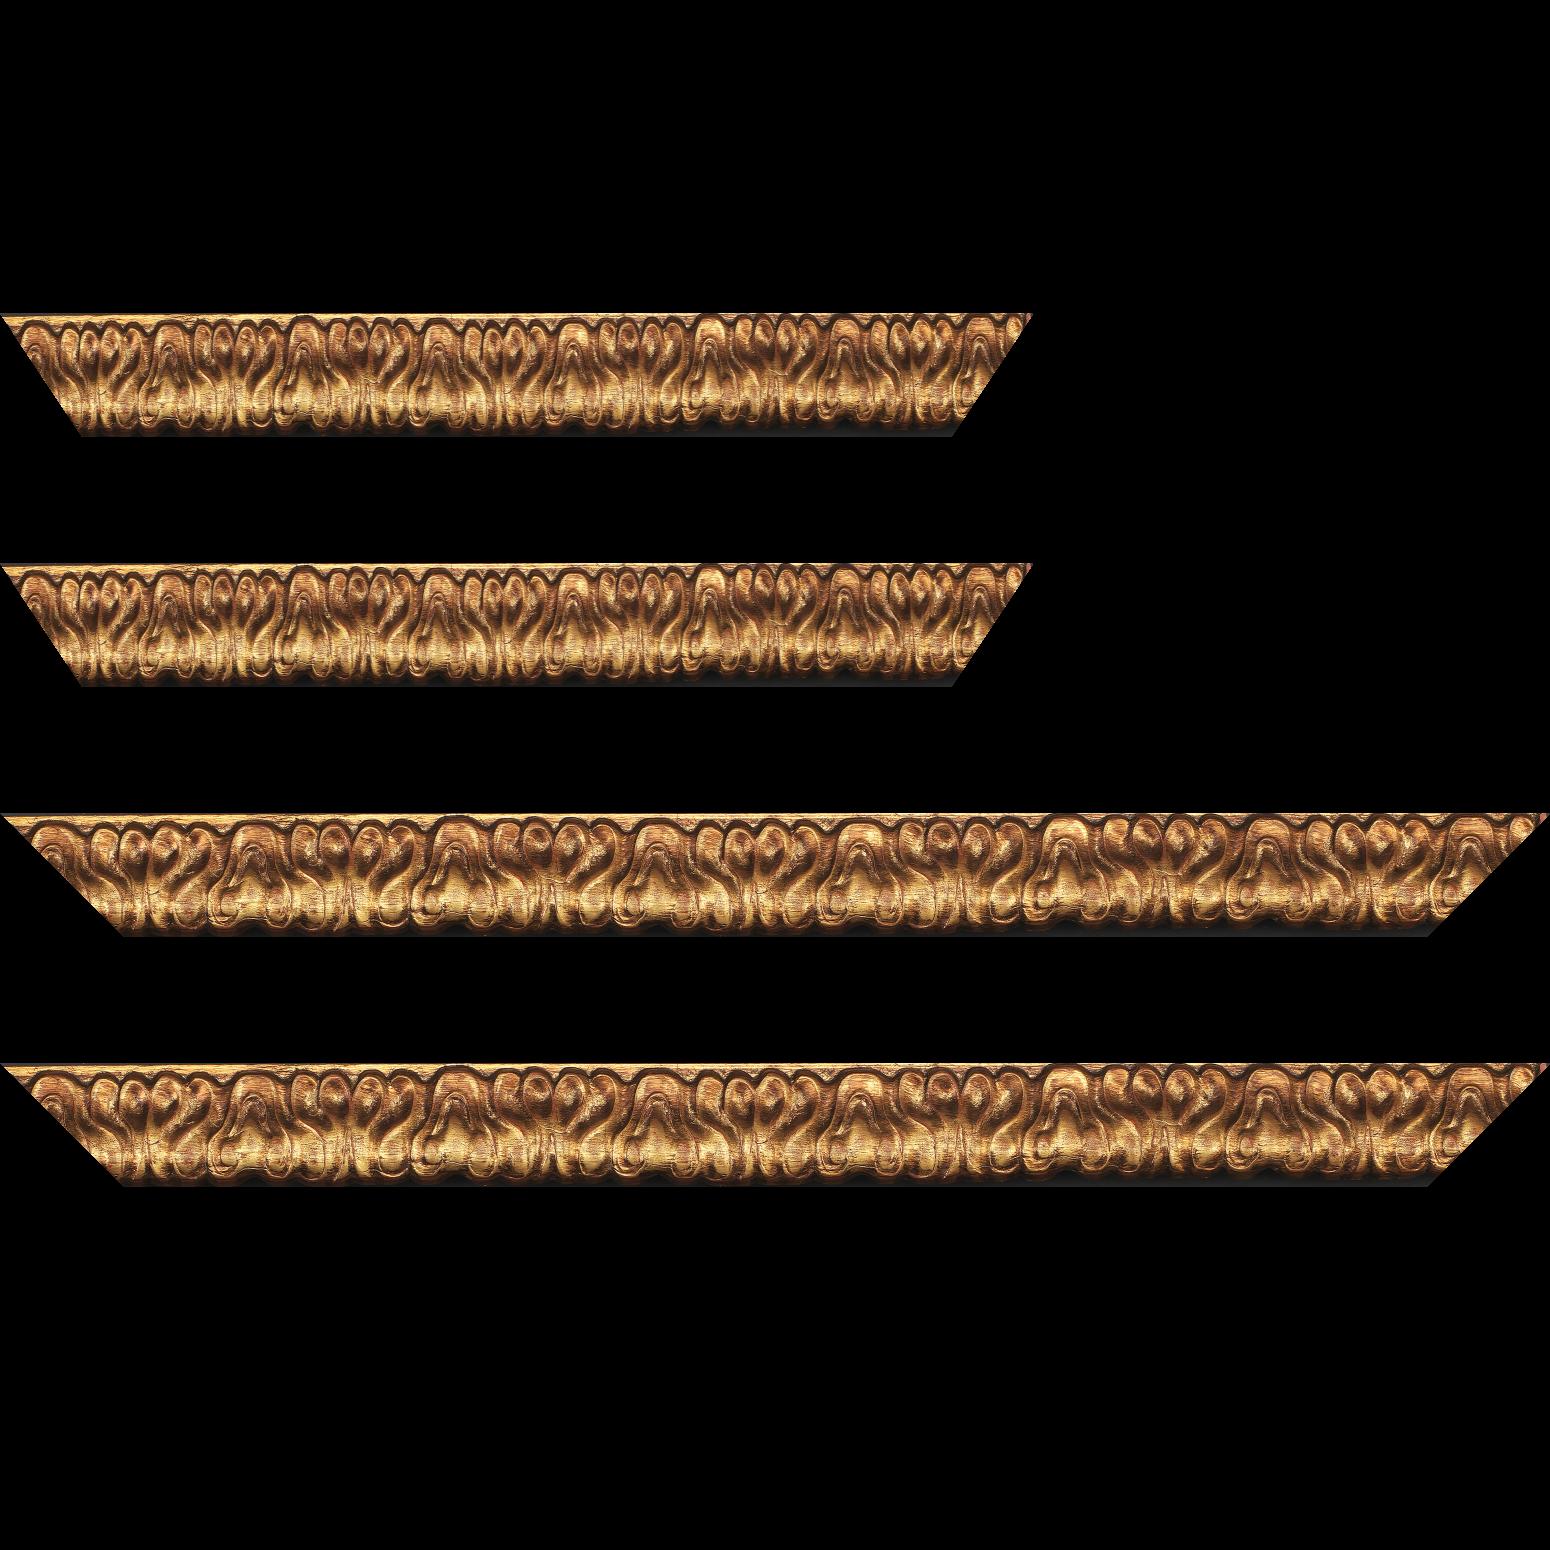 Baguette service précoupé bois profil inversé largeur 3.8cm couleur or patiné